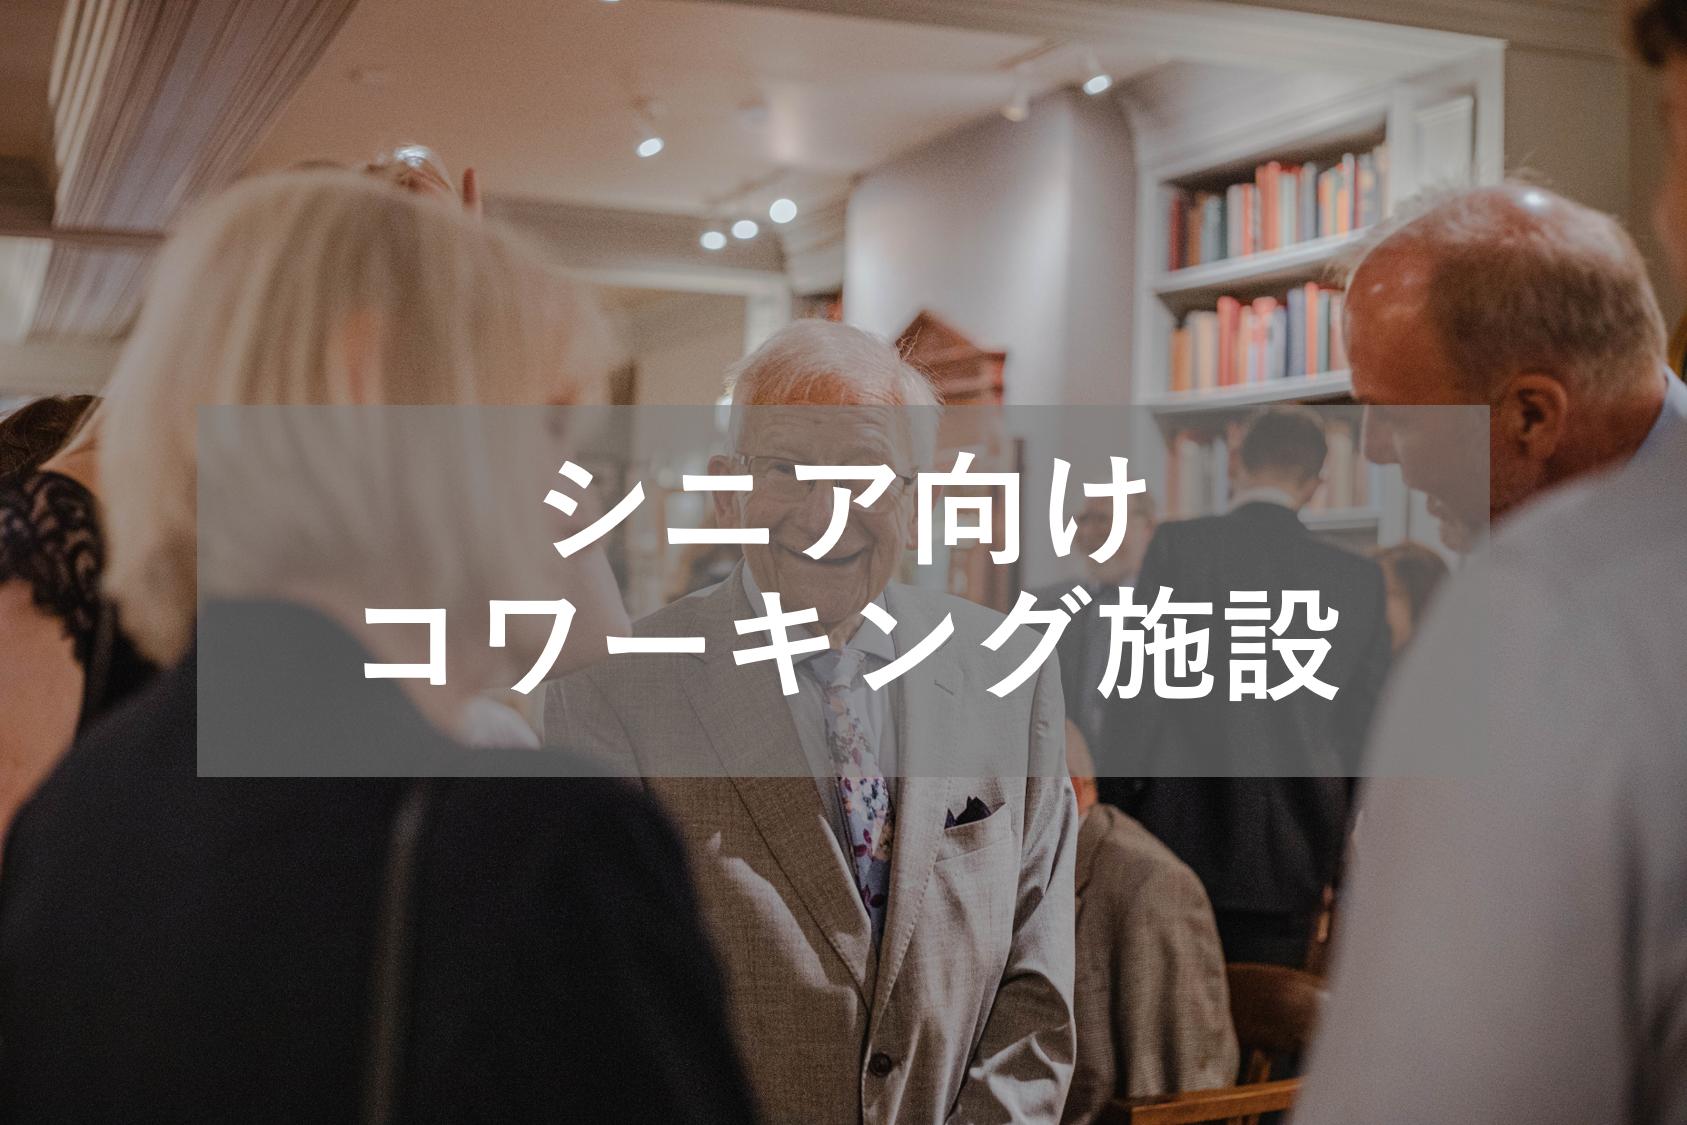 【事業事例】シニア向けコワーキング施設